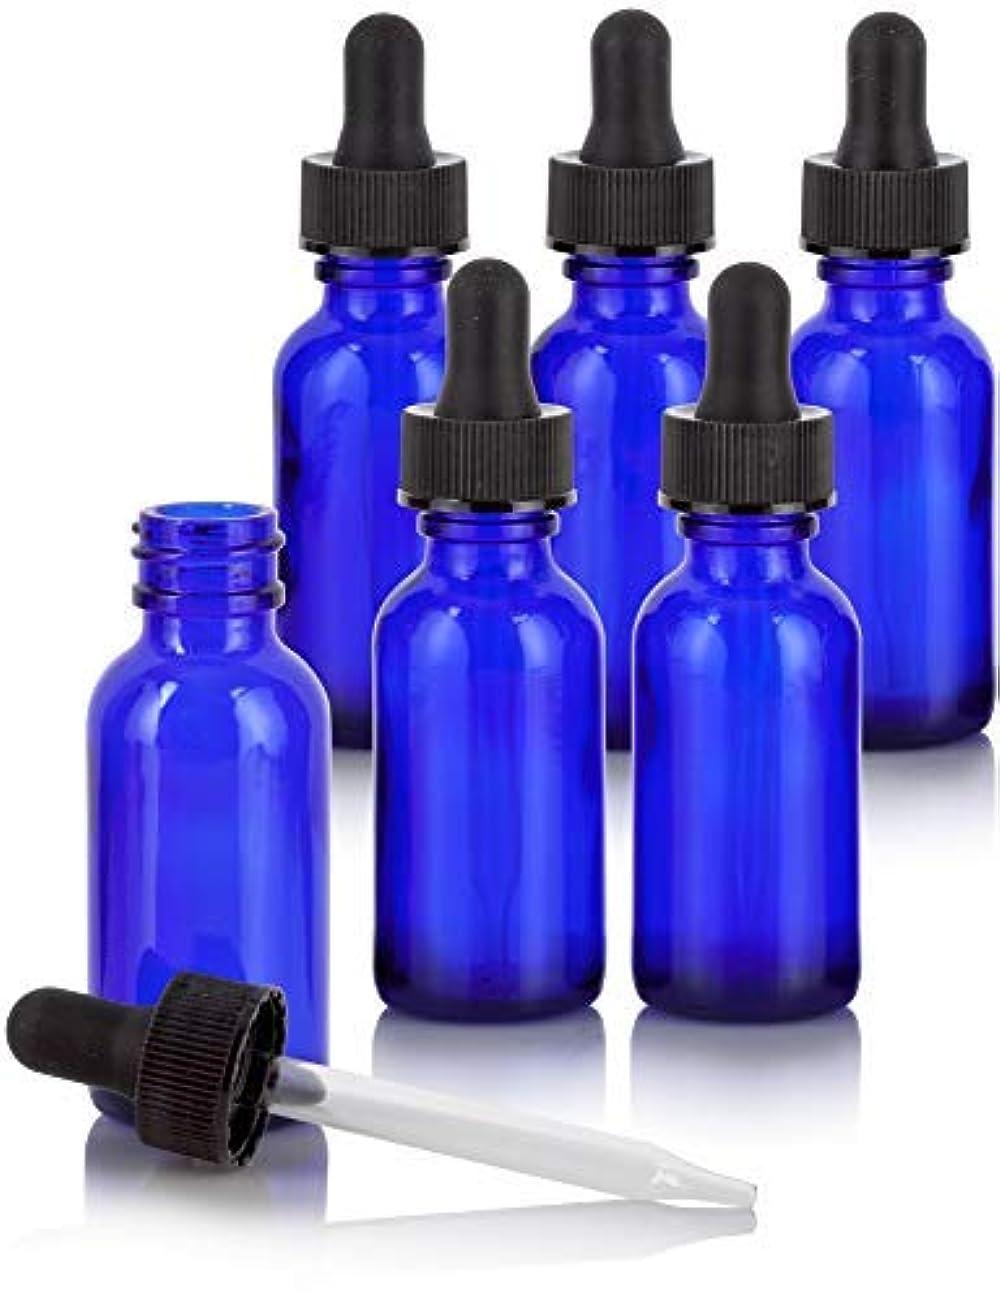 ハンサムシングル生じる1 oz Cobalt Blue Glass Boston Round Dropper Bottle (6 Pack) + Funnel and Labels for Essential Oils, Aromatherapy...